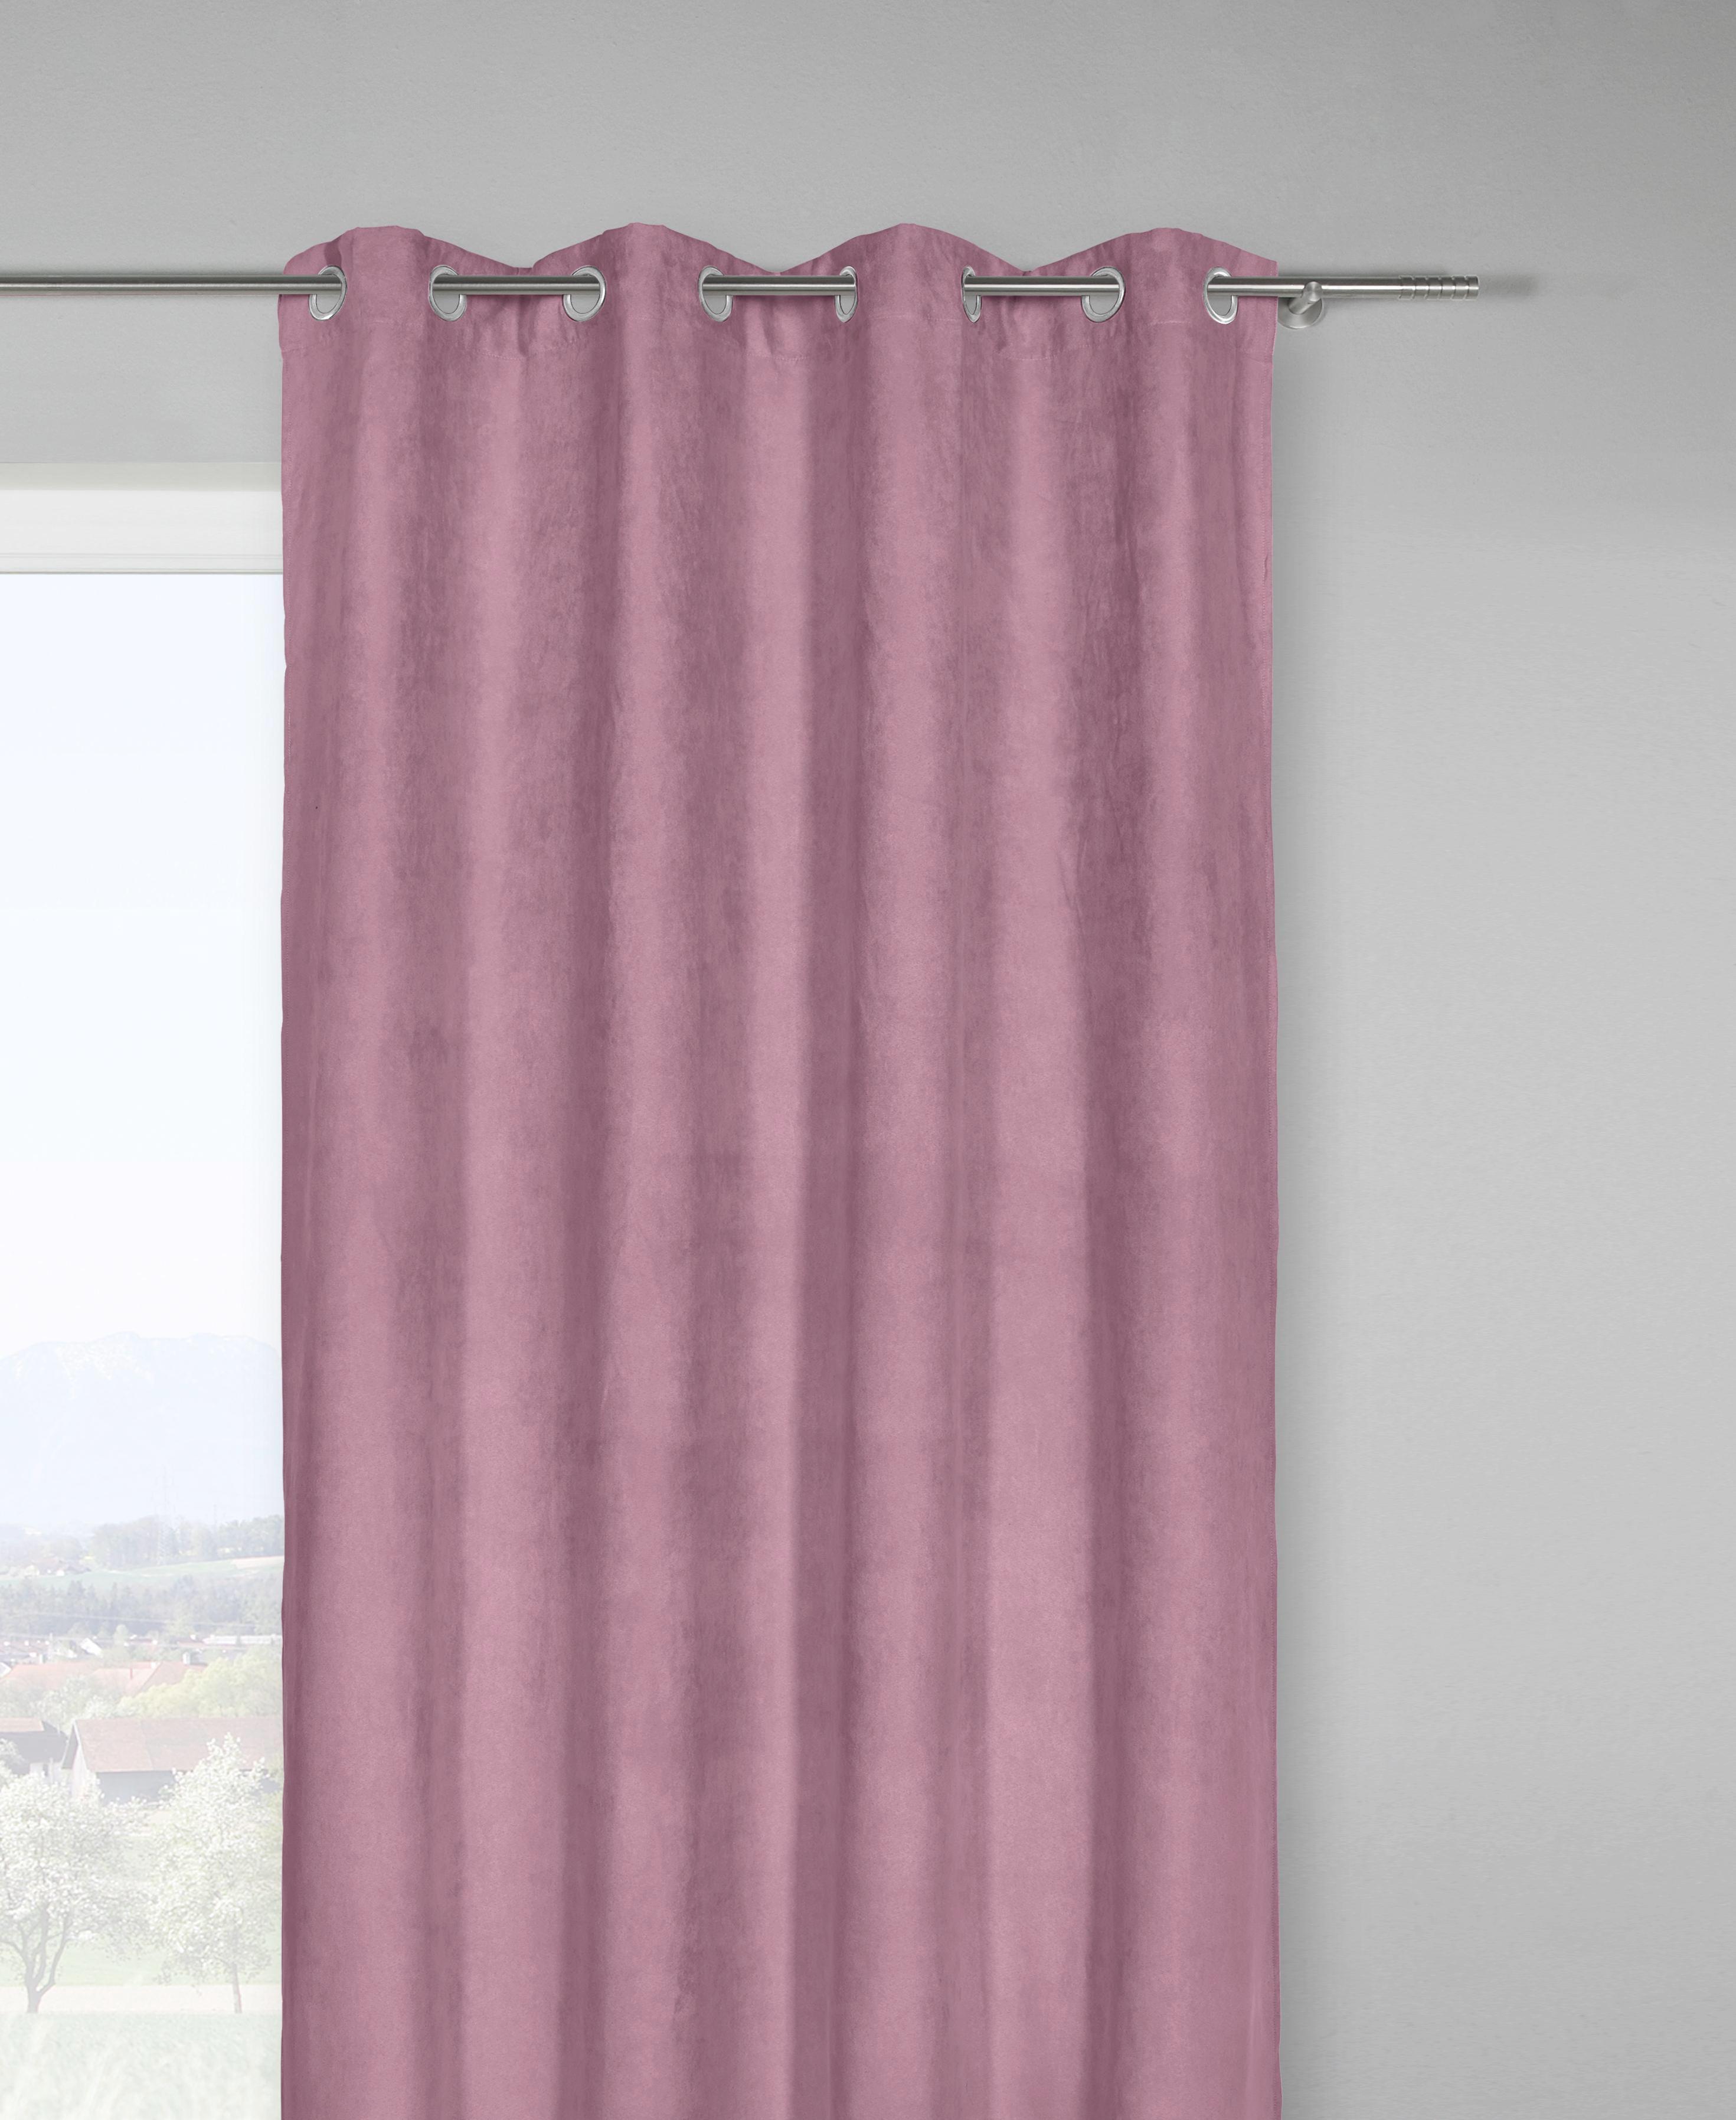 Fertigvorhang Velours, ca. 140x245cm - Dunkelrosa, KONVENTIONELL, Textil (140/245cm) - MÖMAX modern living